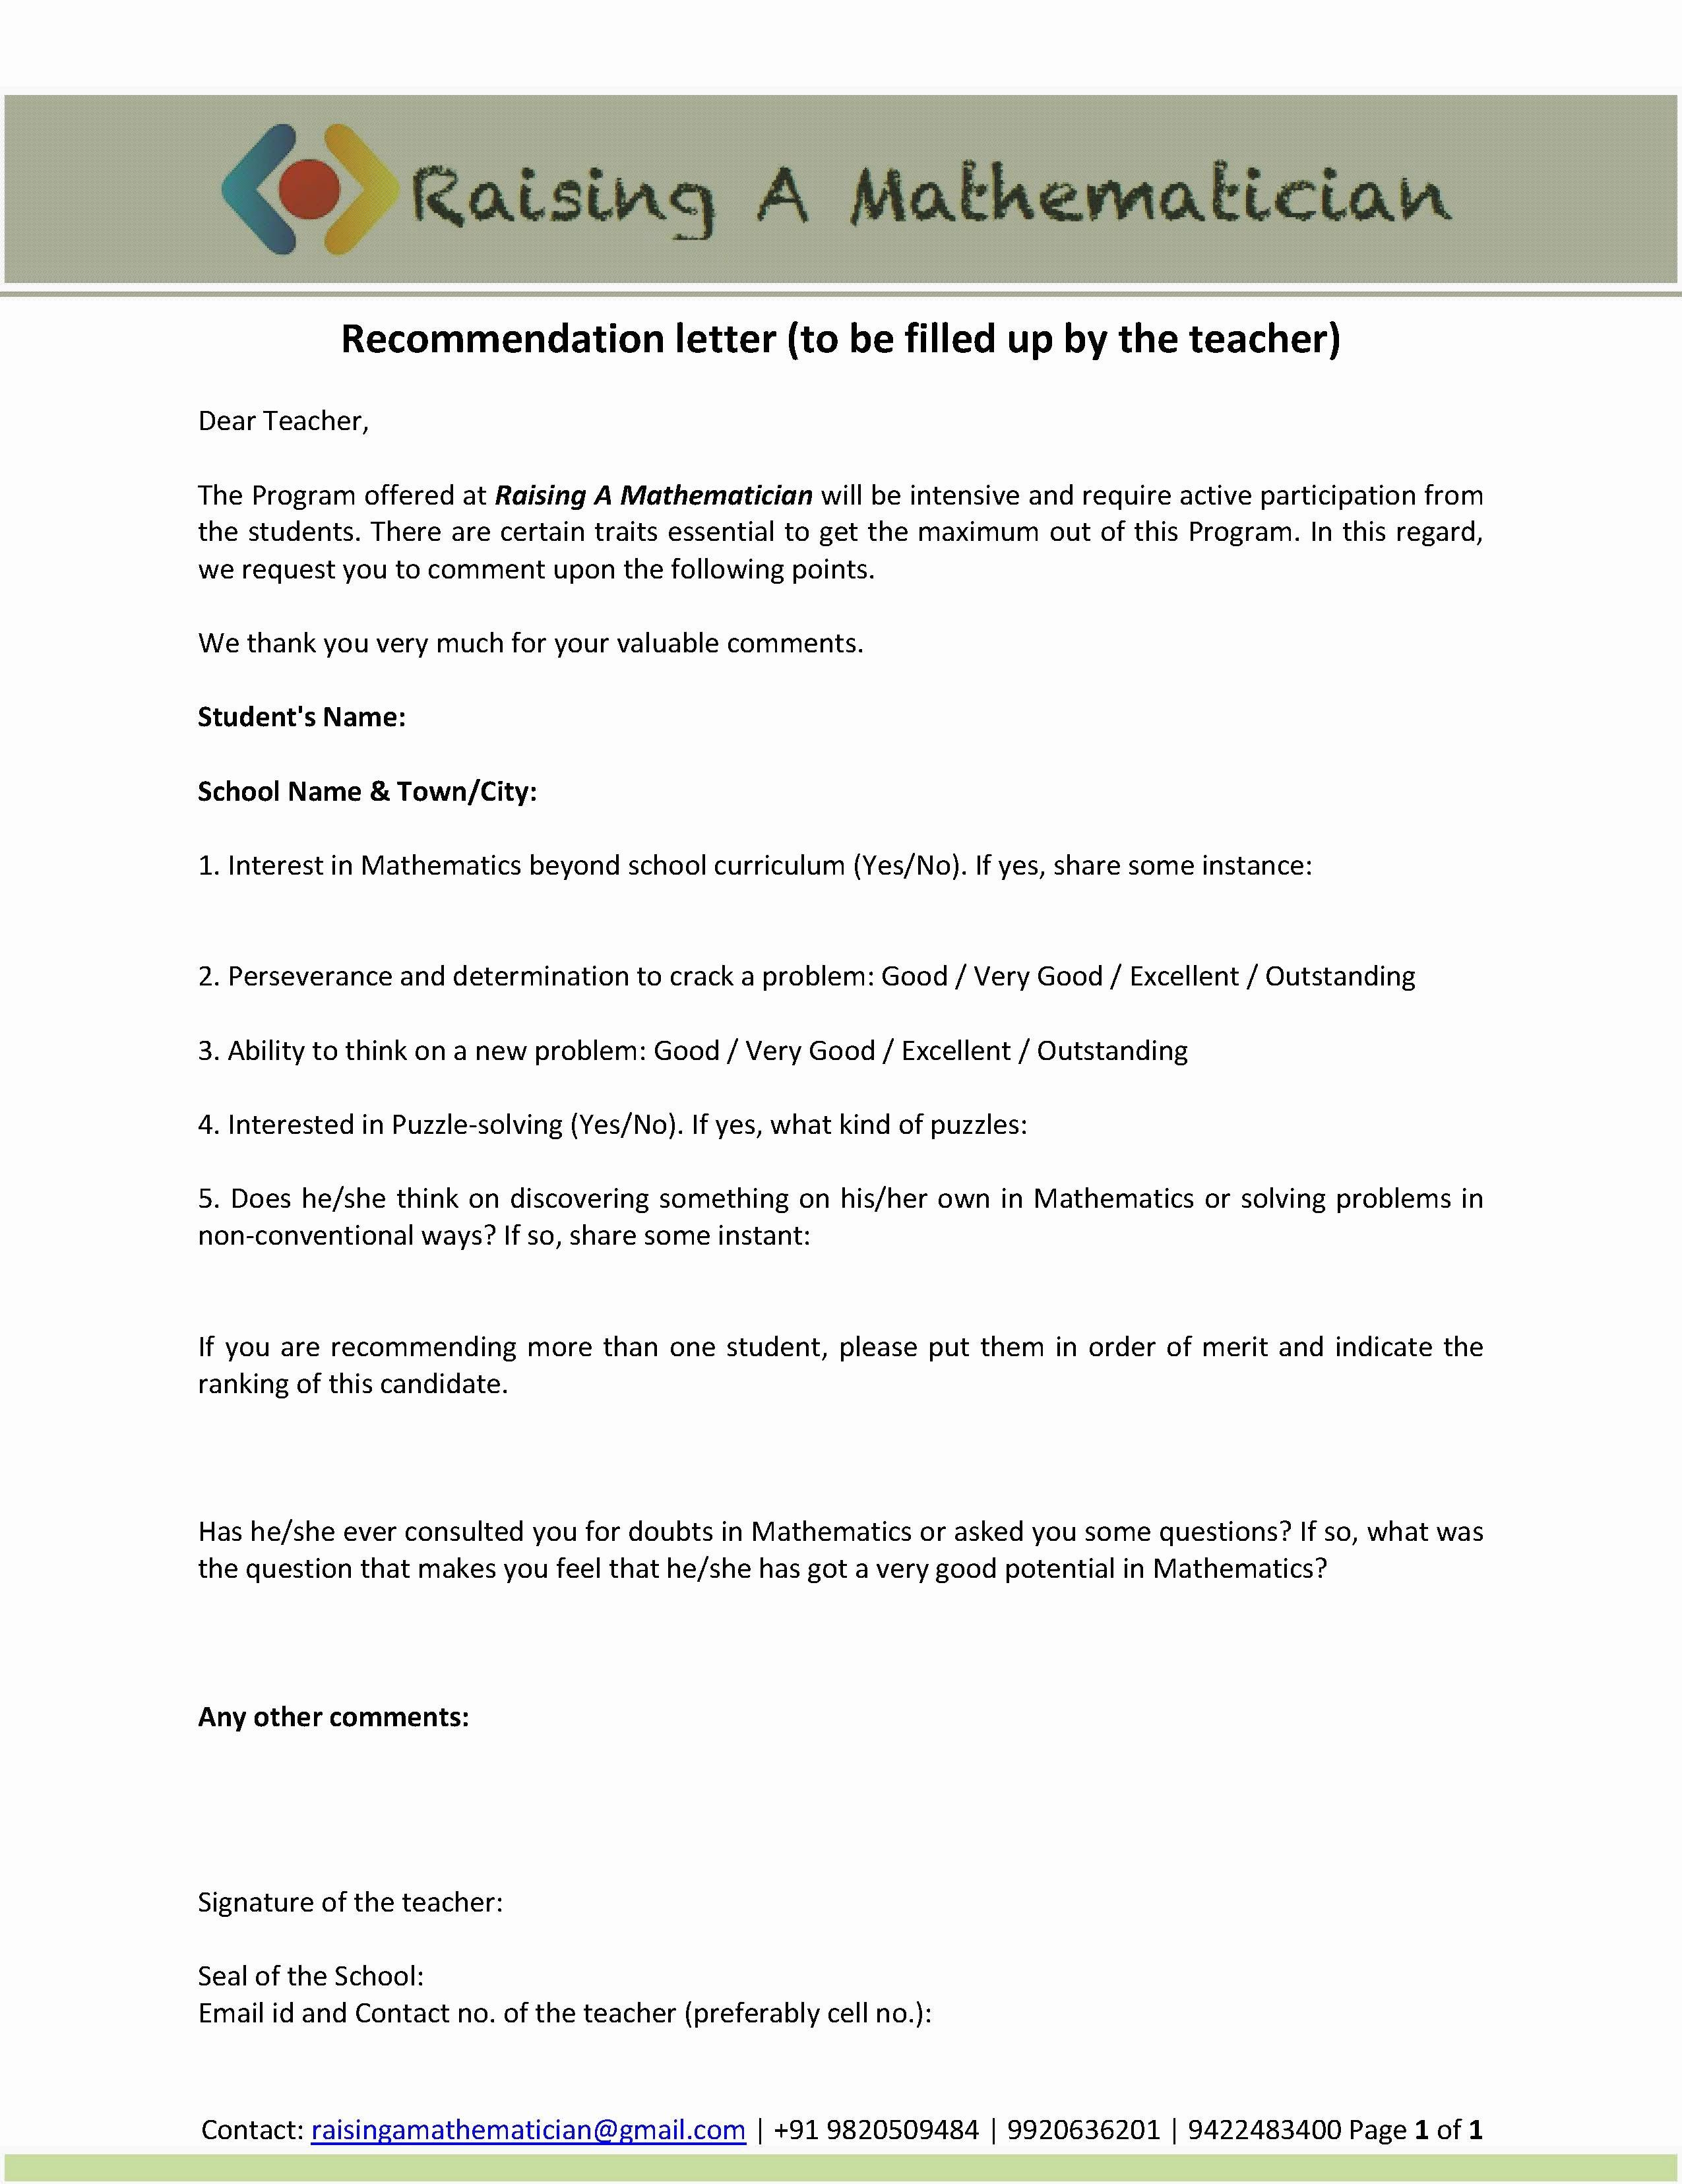 Recommendation Letter for Teacher Unique Raising A Mathematician